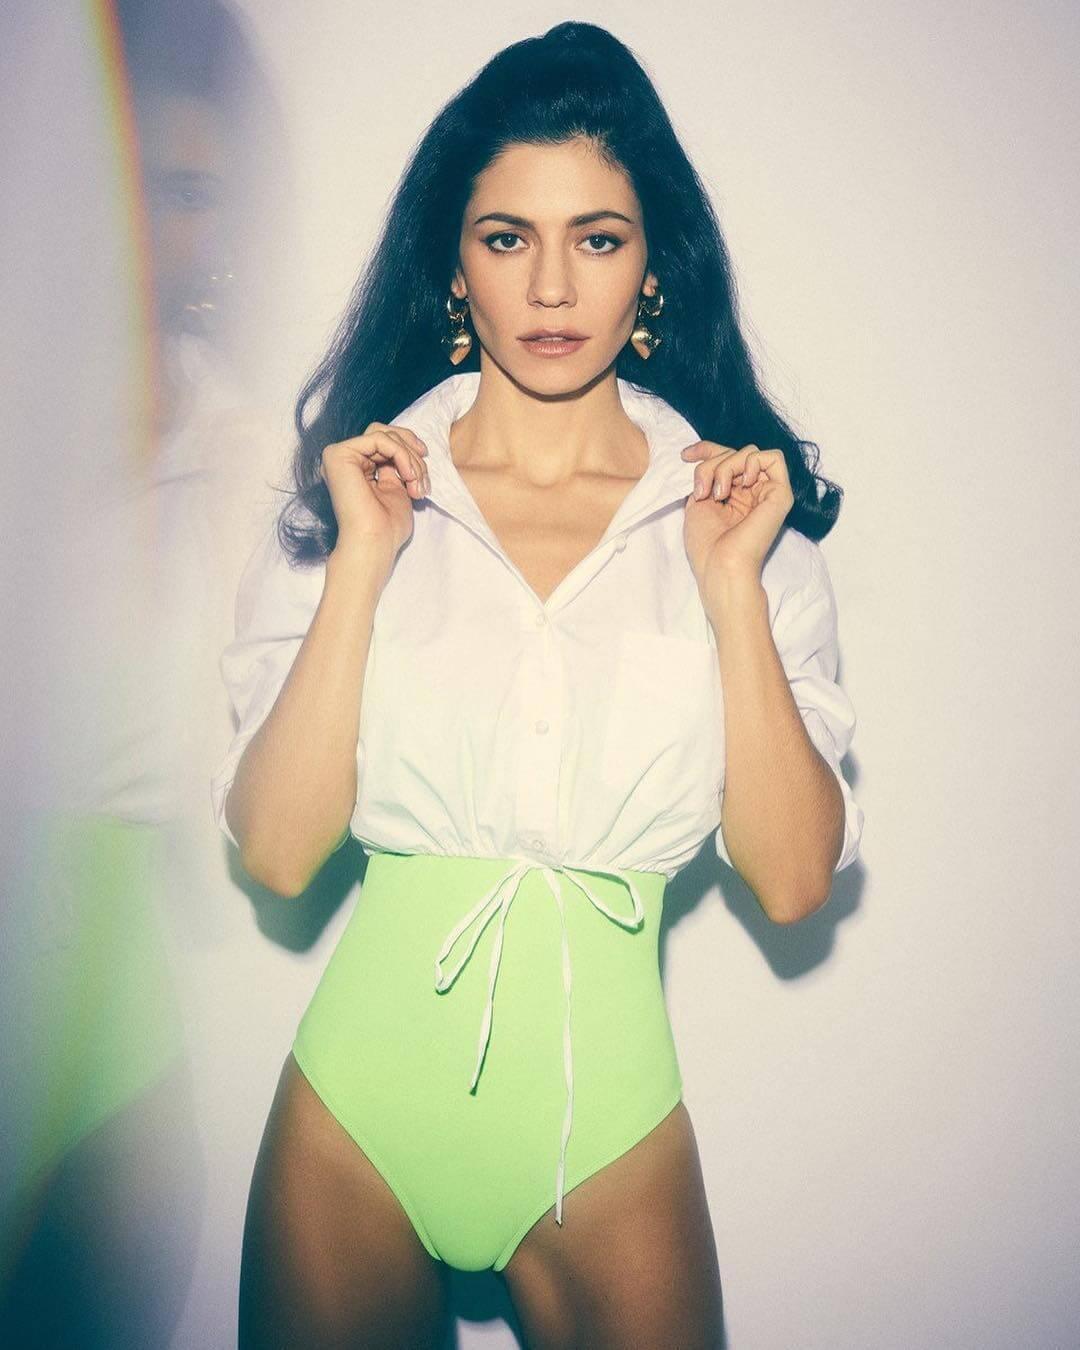 12 lanzamientos recientes que debes escuchar: Marina + DrefQuila + Ariana Grande y más